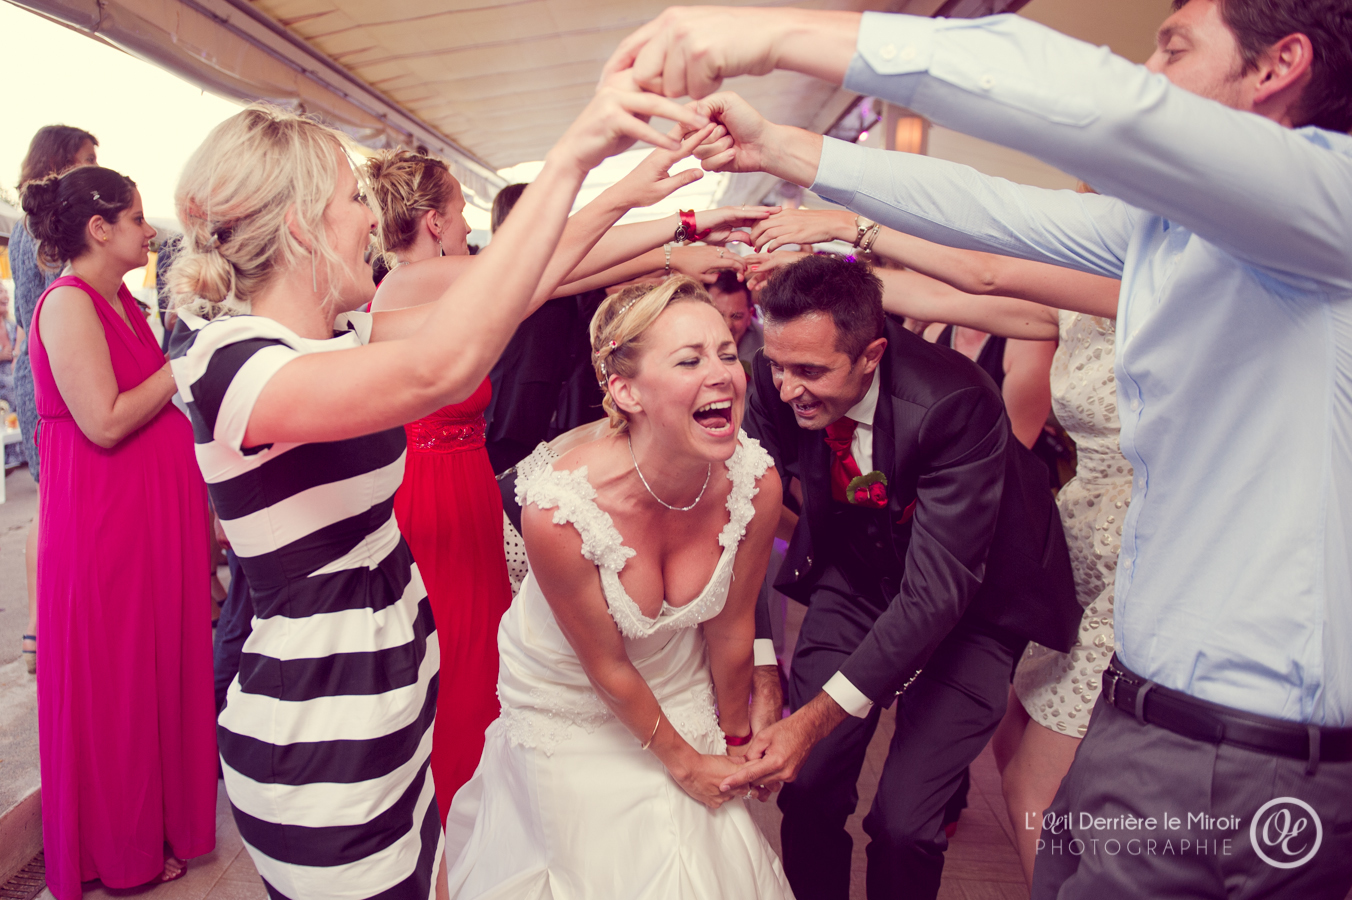 Photographe mariage Cannes  L'OEil Derrière le Miroir